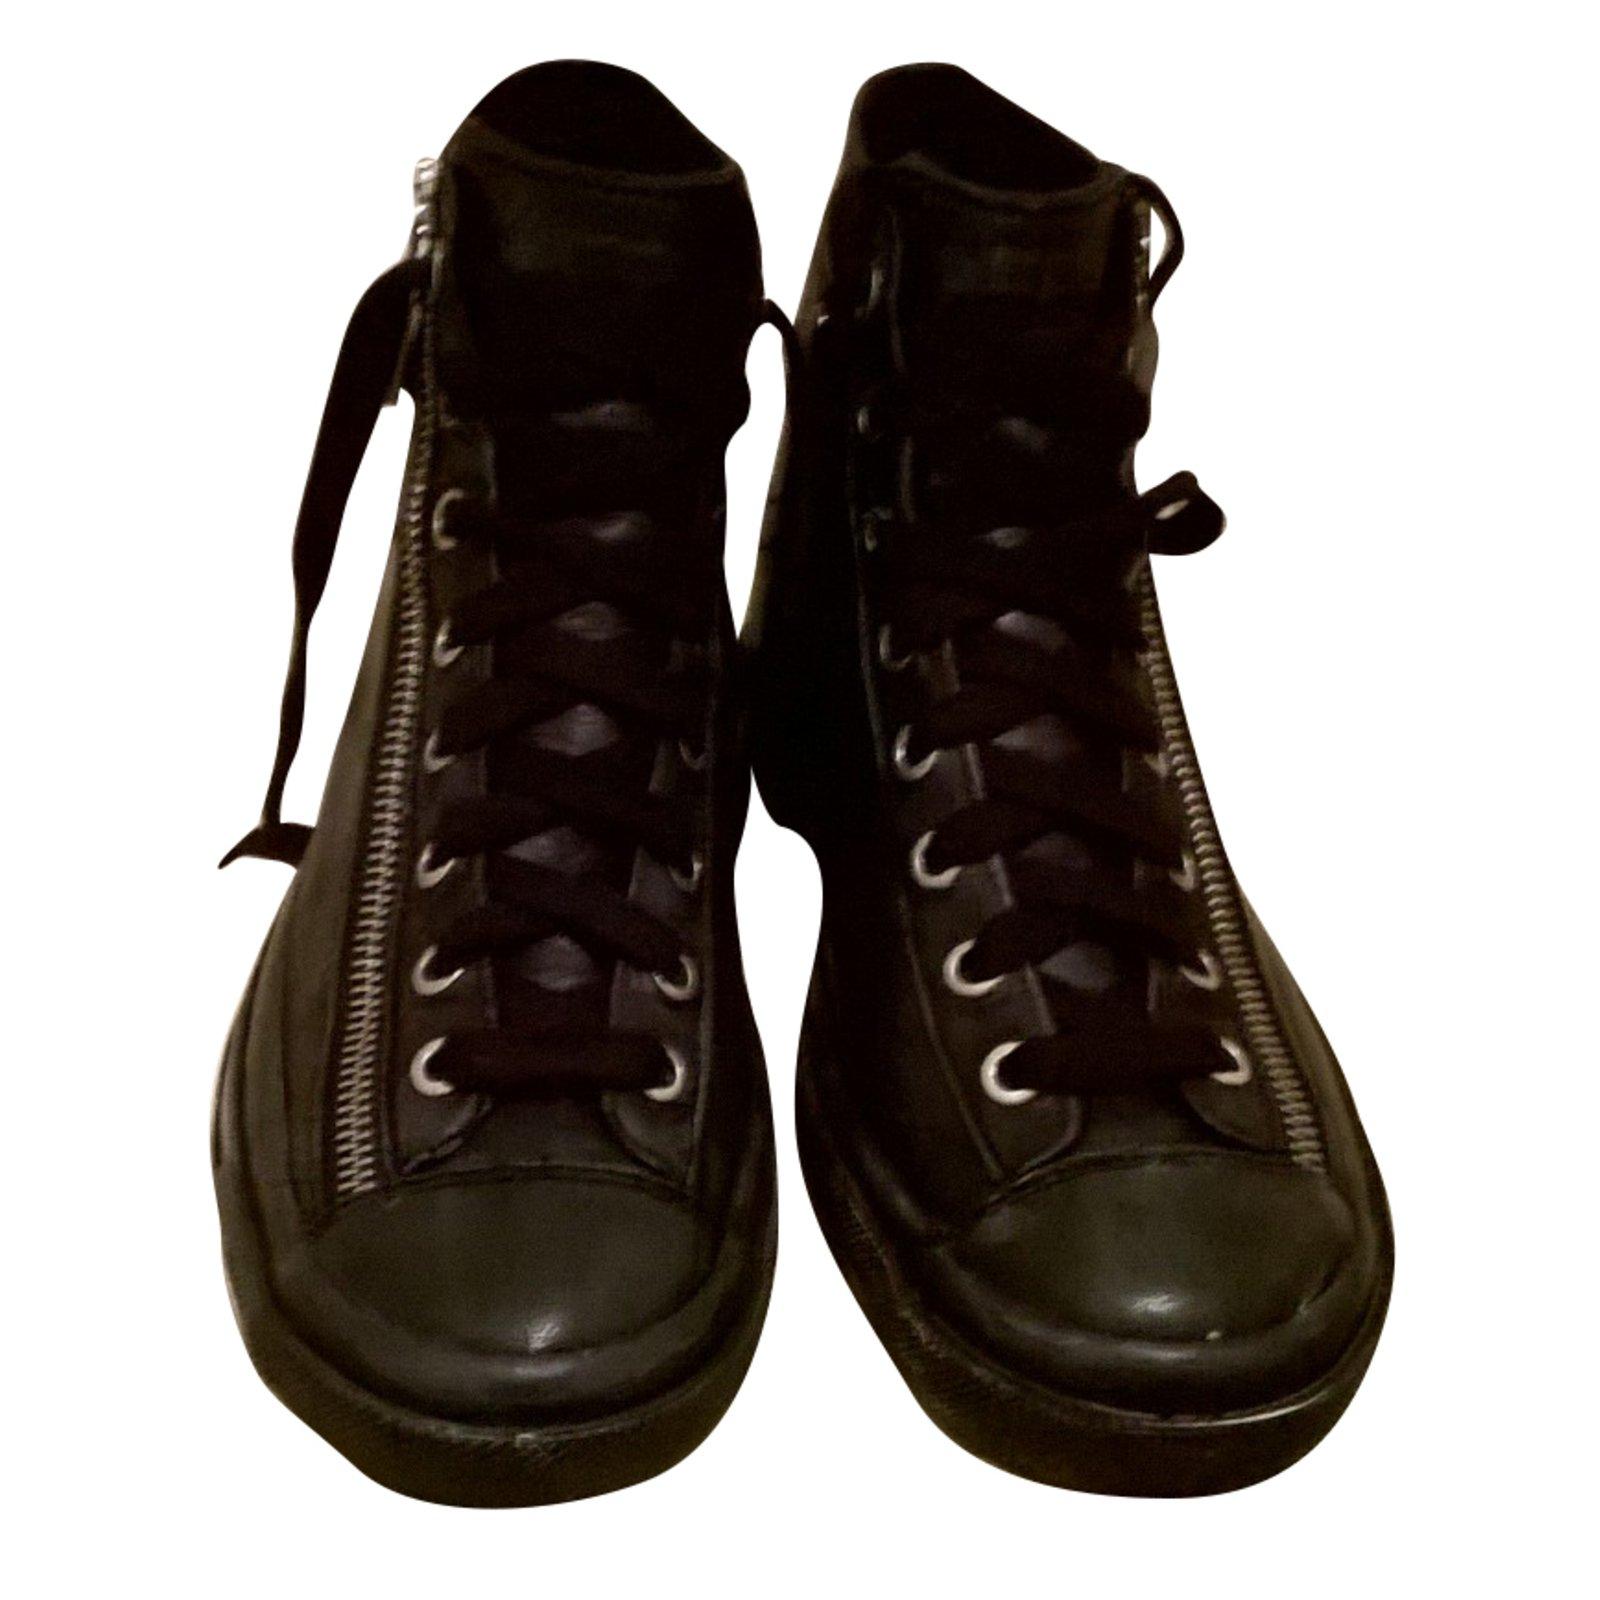 Diesel Sneakers Sneakers Leather Black